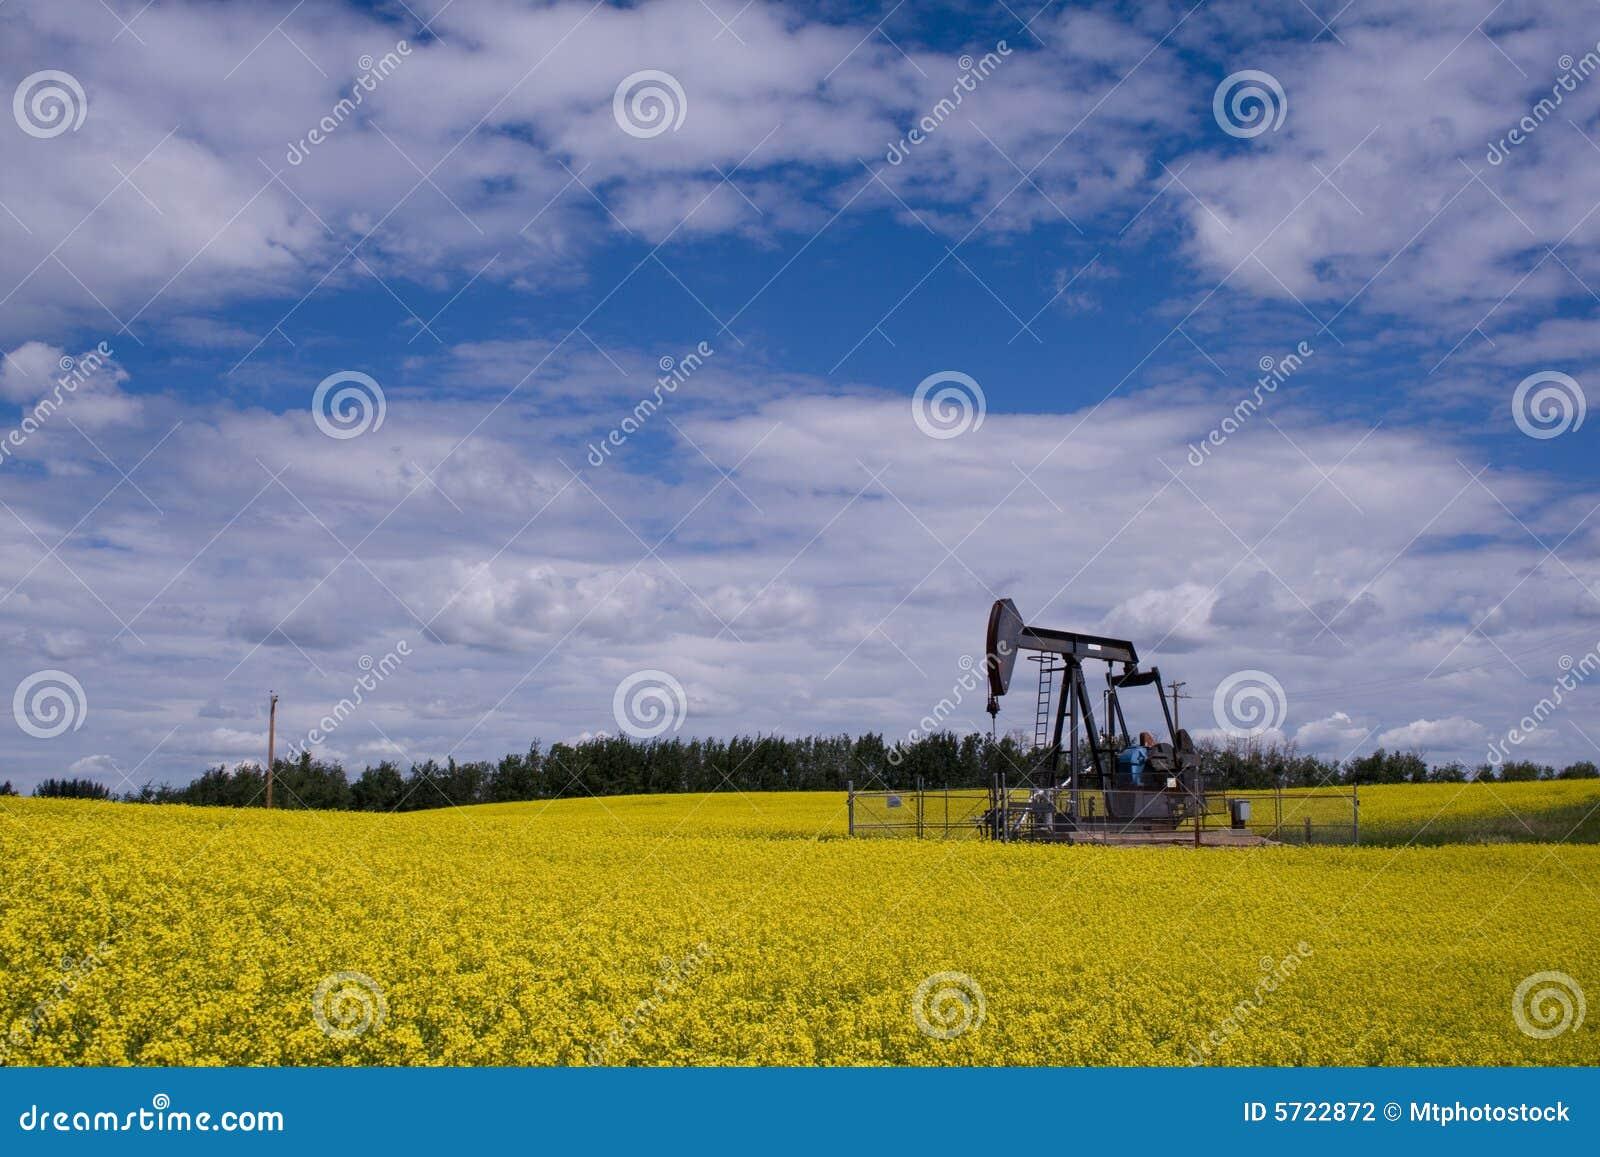 Walety oleju f - żółte pompy